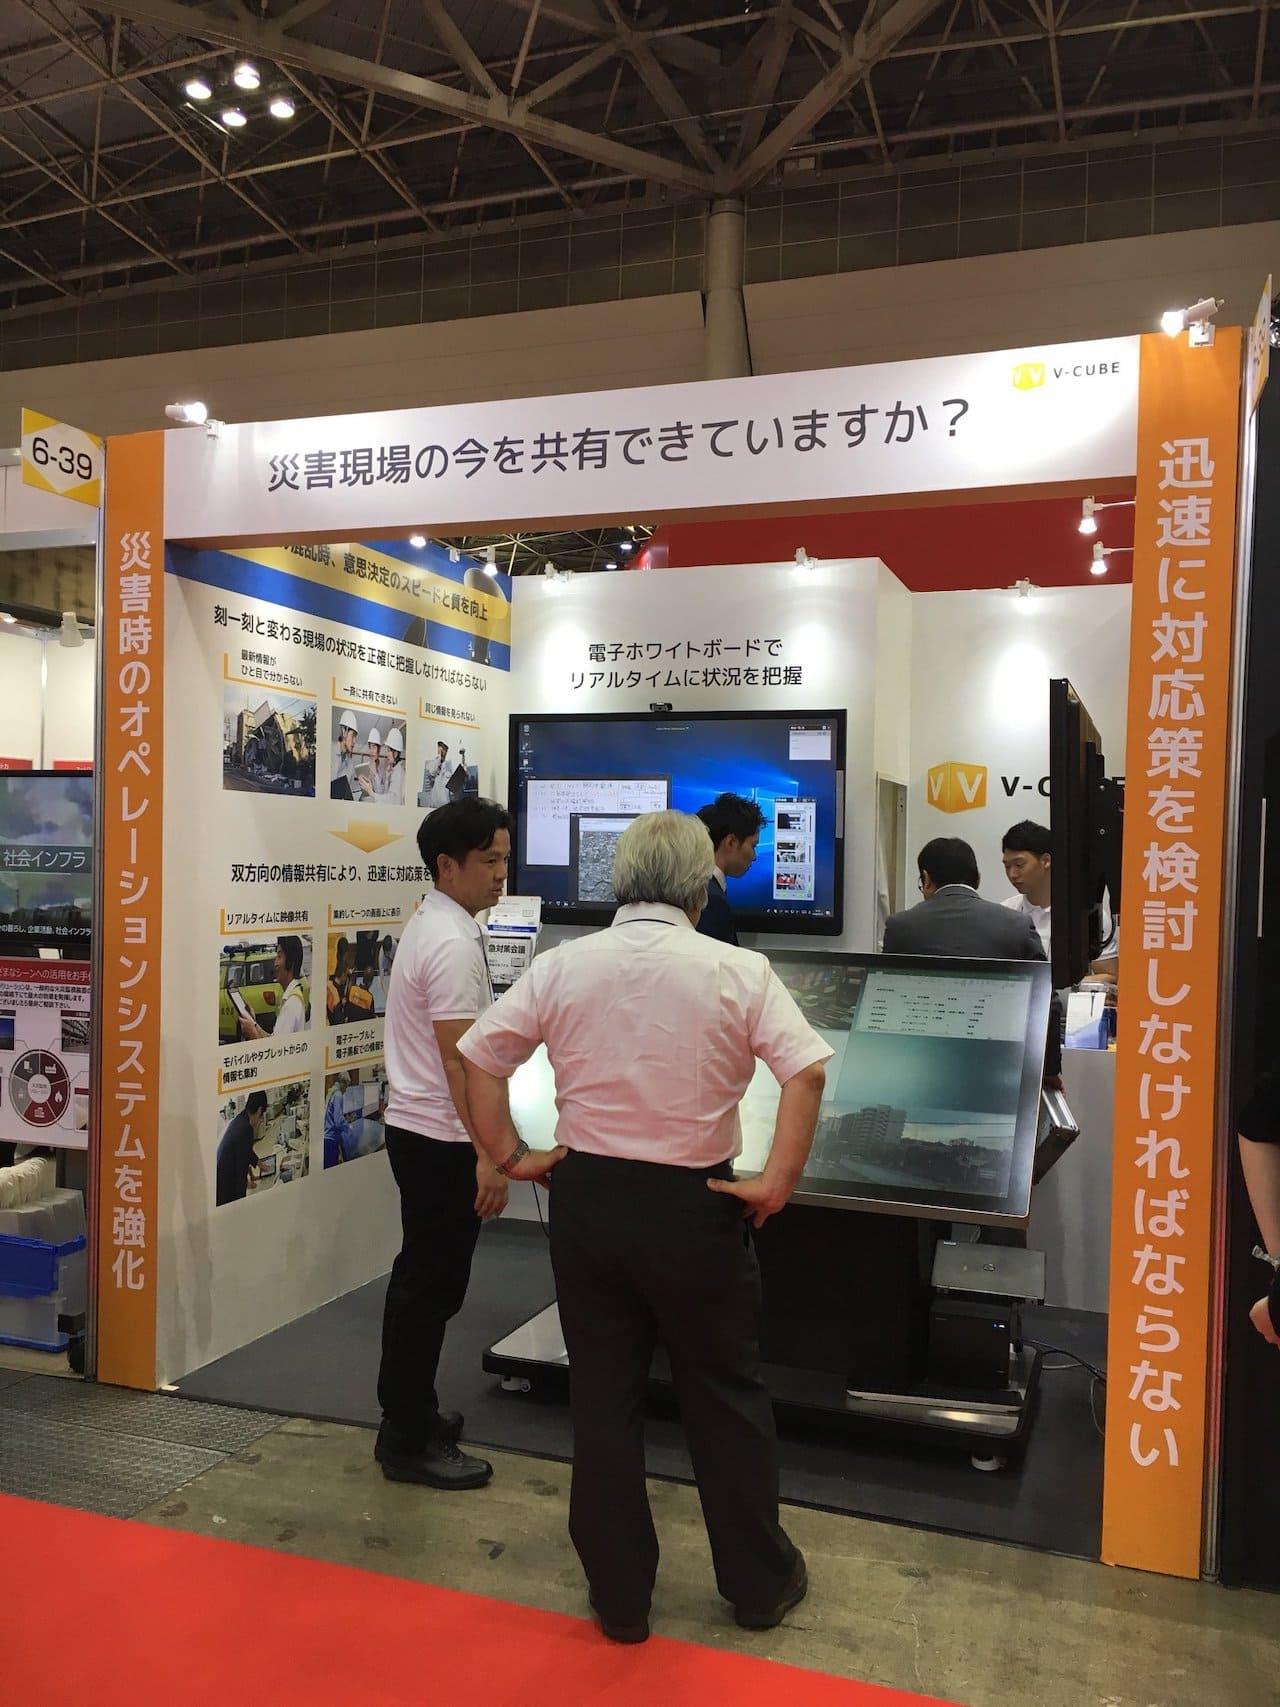 2018年5月31日に開催された震災対策技術展 での出展模様